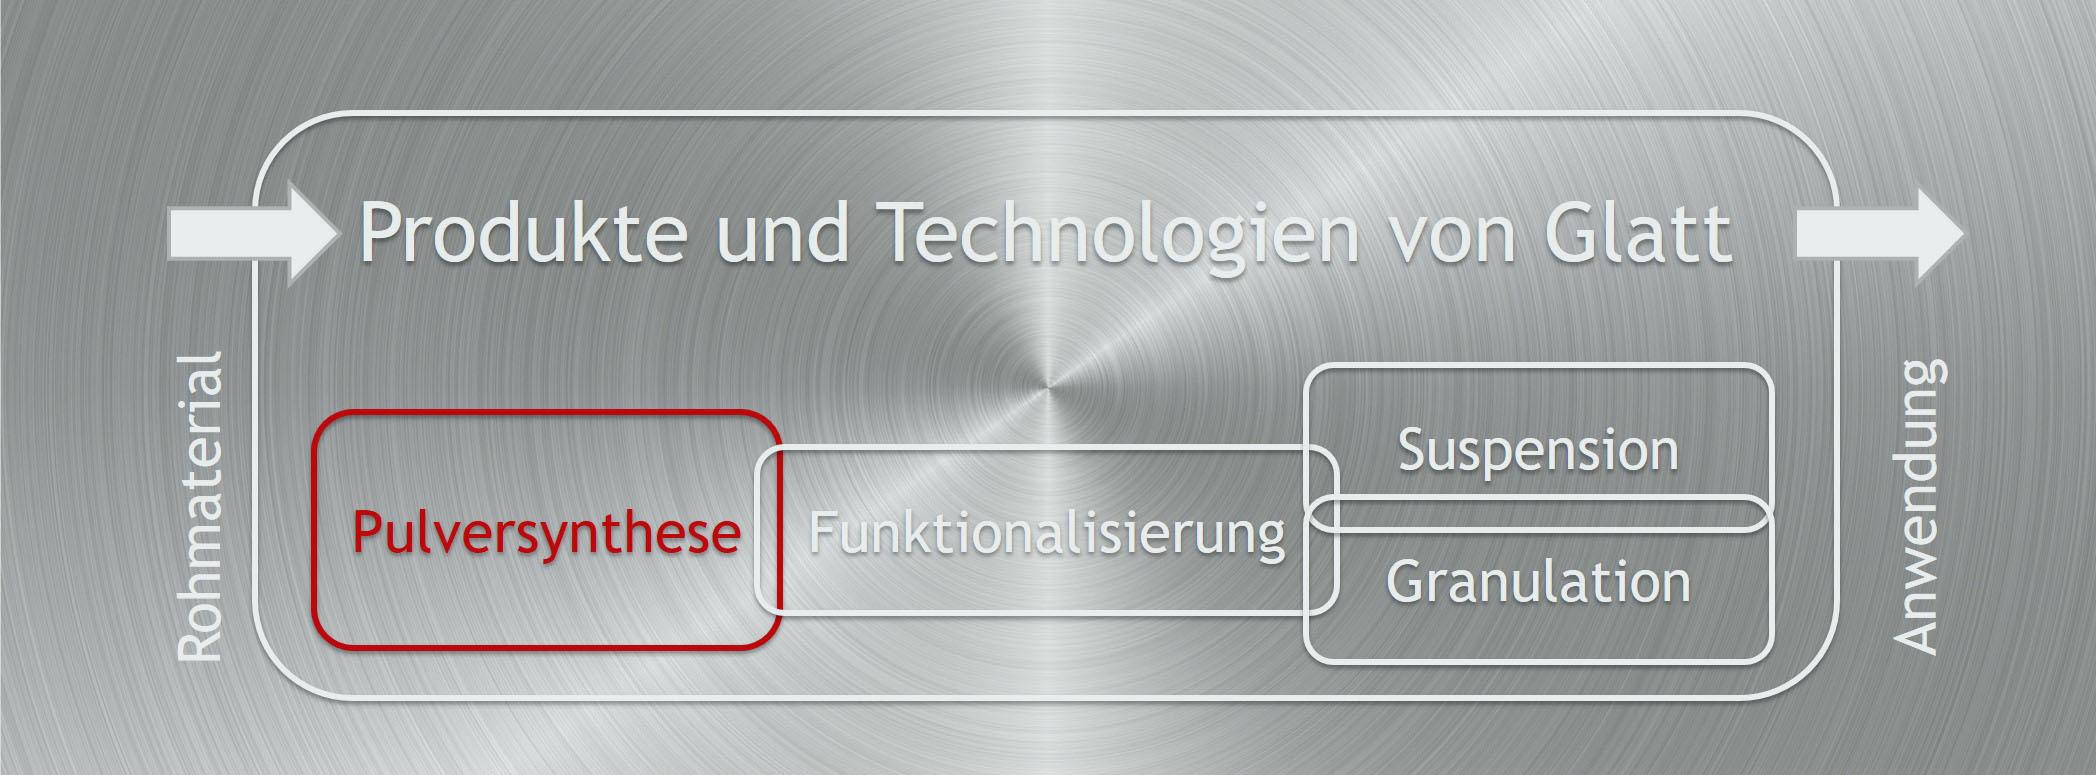 Integrierte Prozesskette Pulversynthese-Funktionalisierung-Granulation